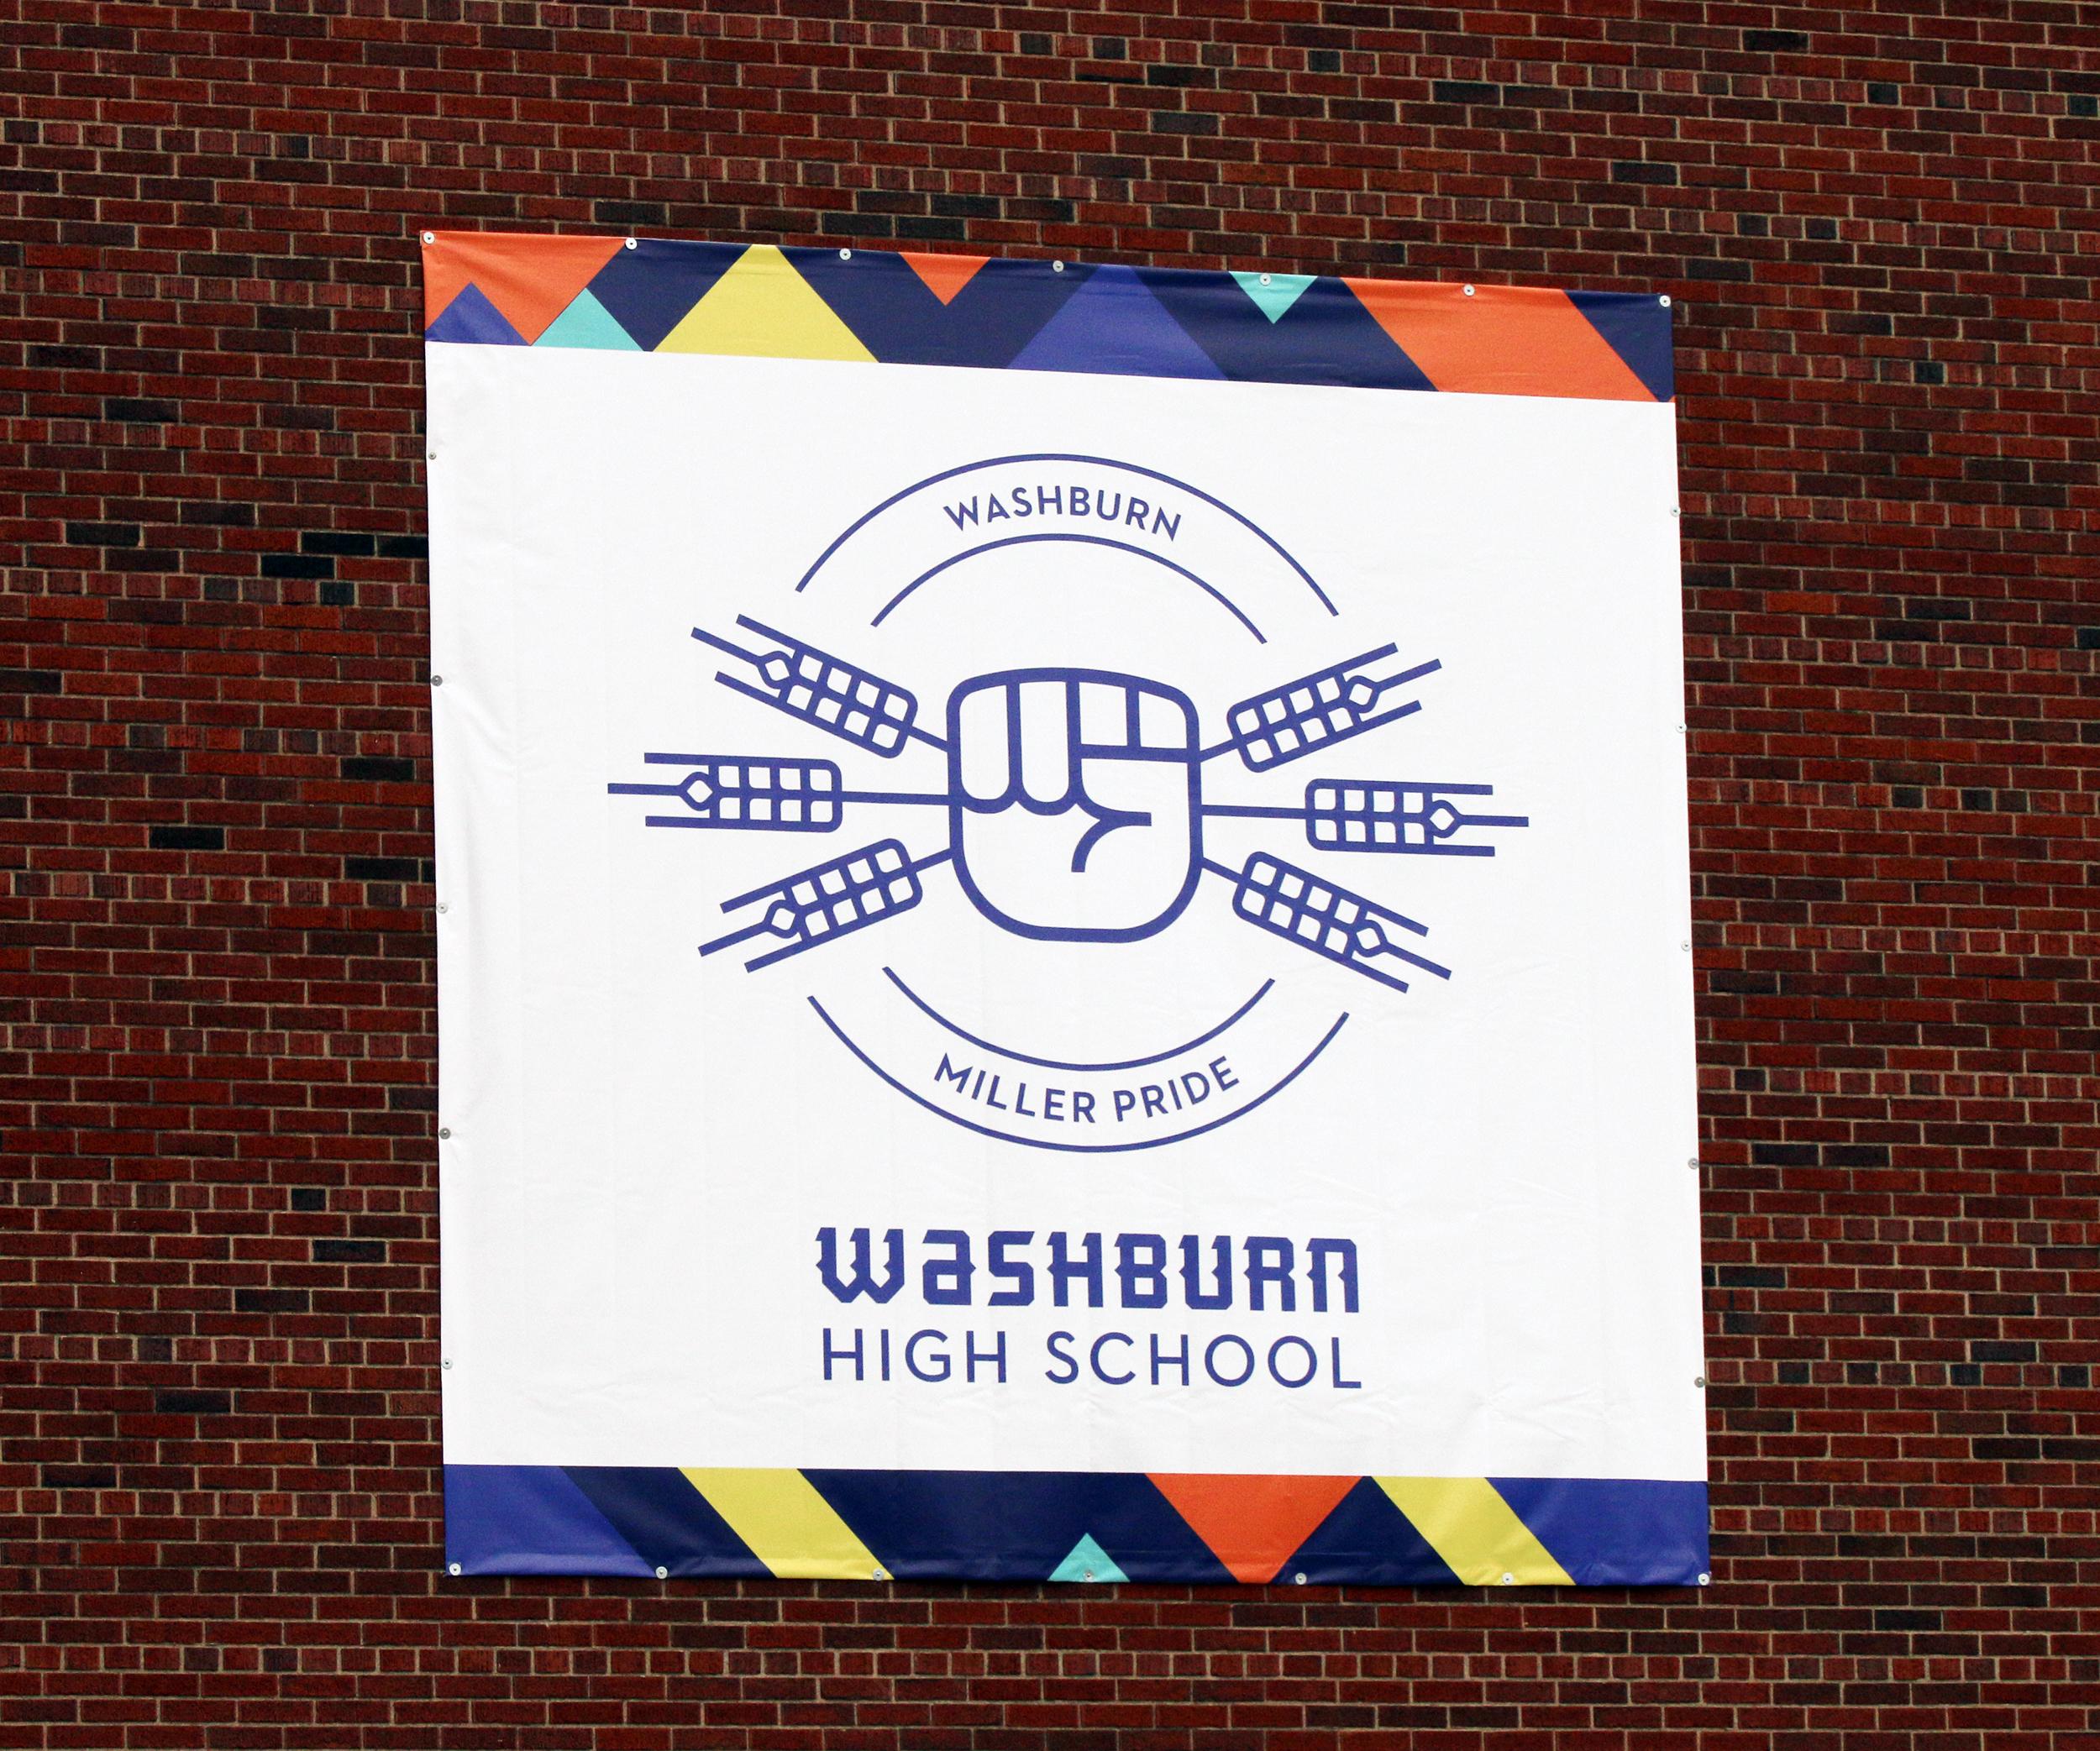 washburn back.jpg